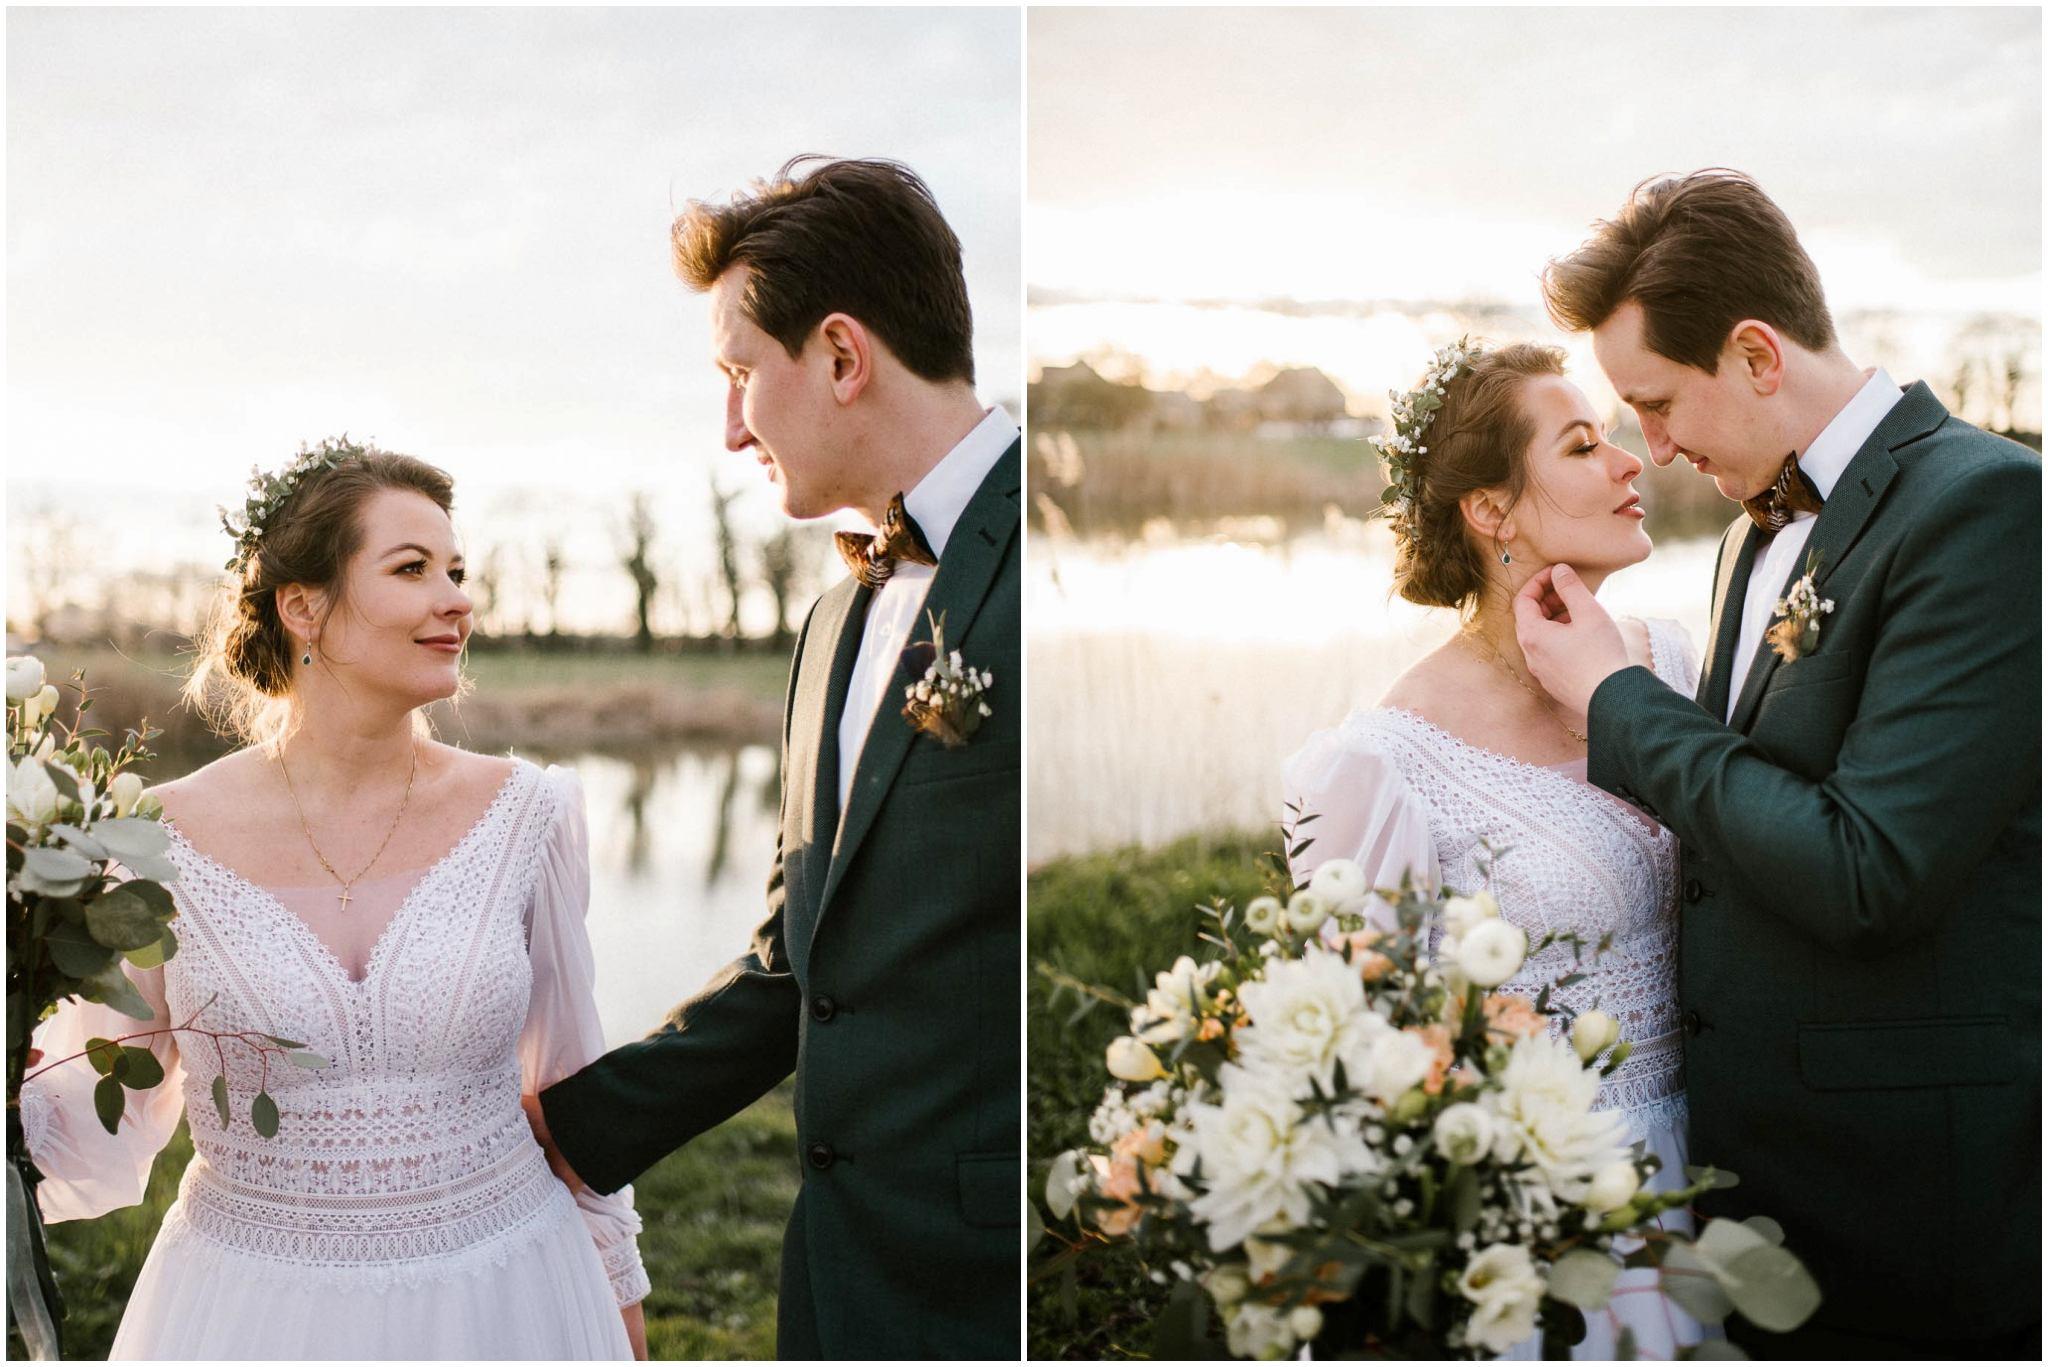 Państwo młodzi całują się na tle stawu -sesja ślubna reportaż Żuczki Inowrocław